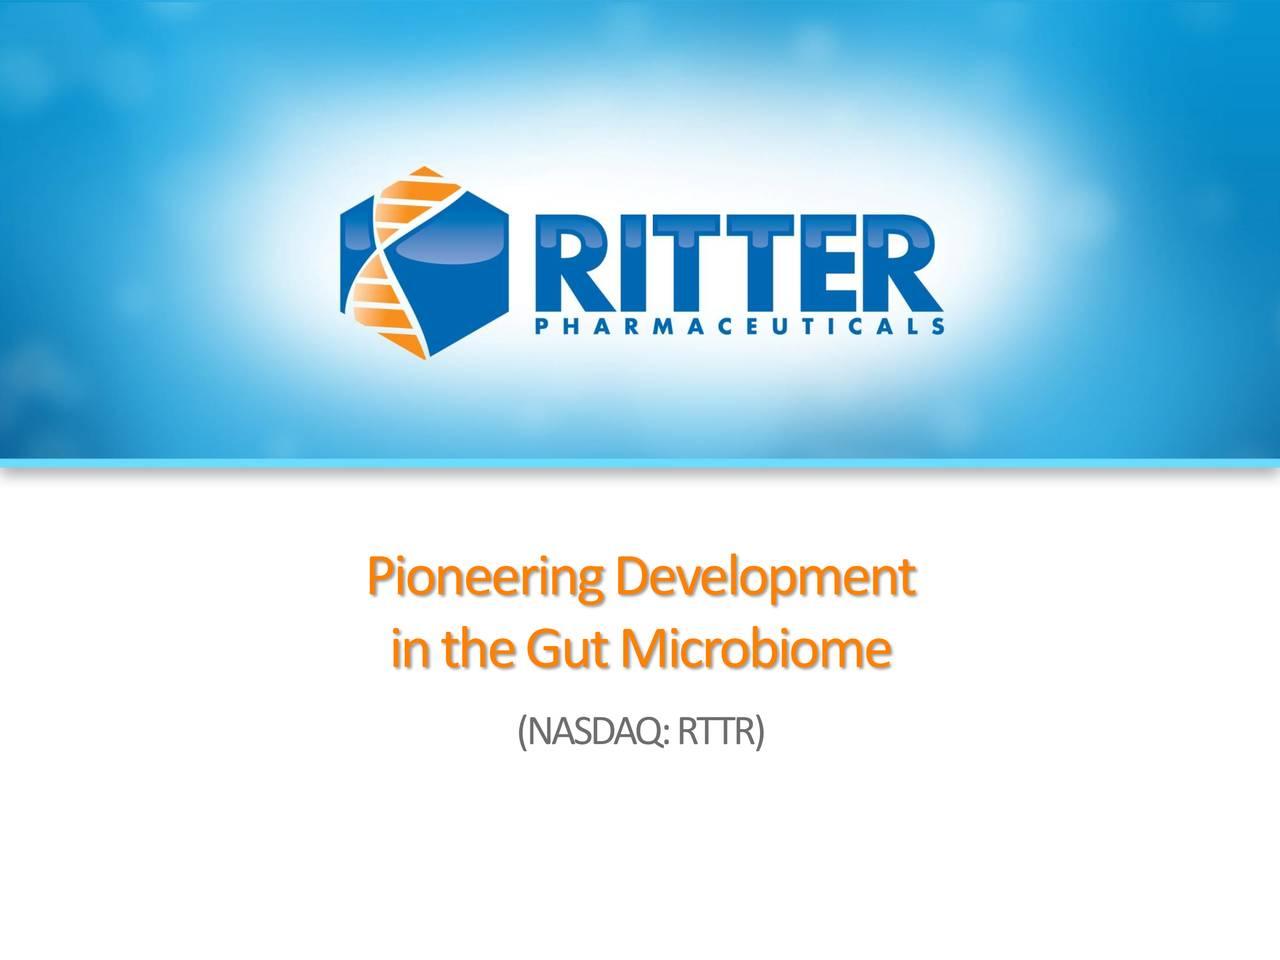 Ritter Pharmaceuticals (RTTR)